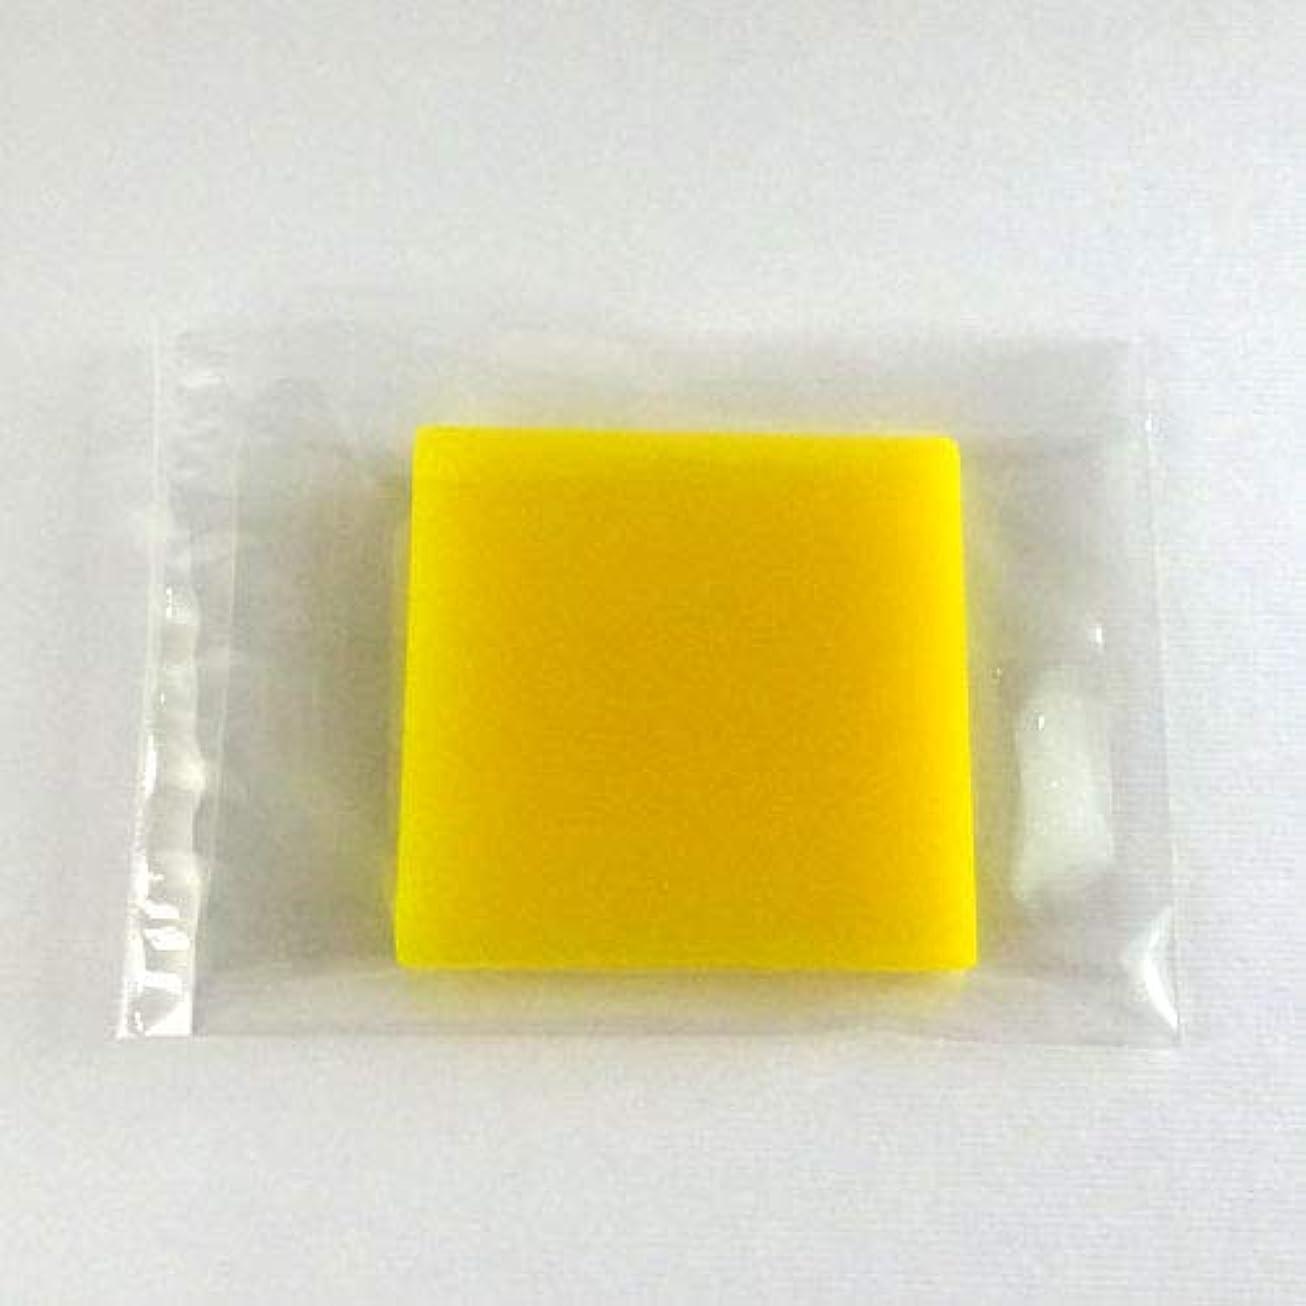 風上へ非常にグリセリンソープ MPソープ 色チップ 黄(イエロー) 30g